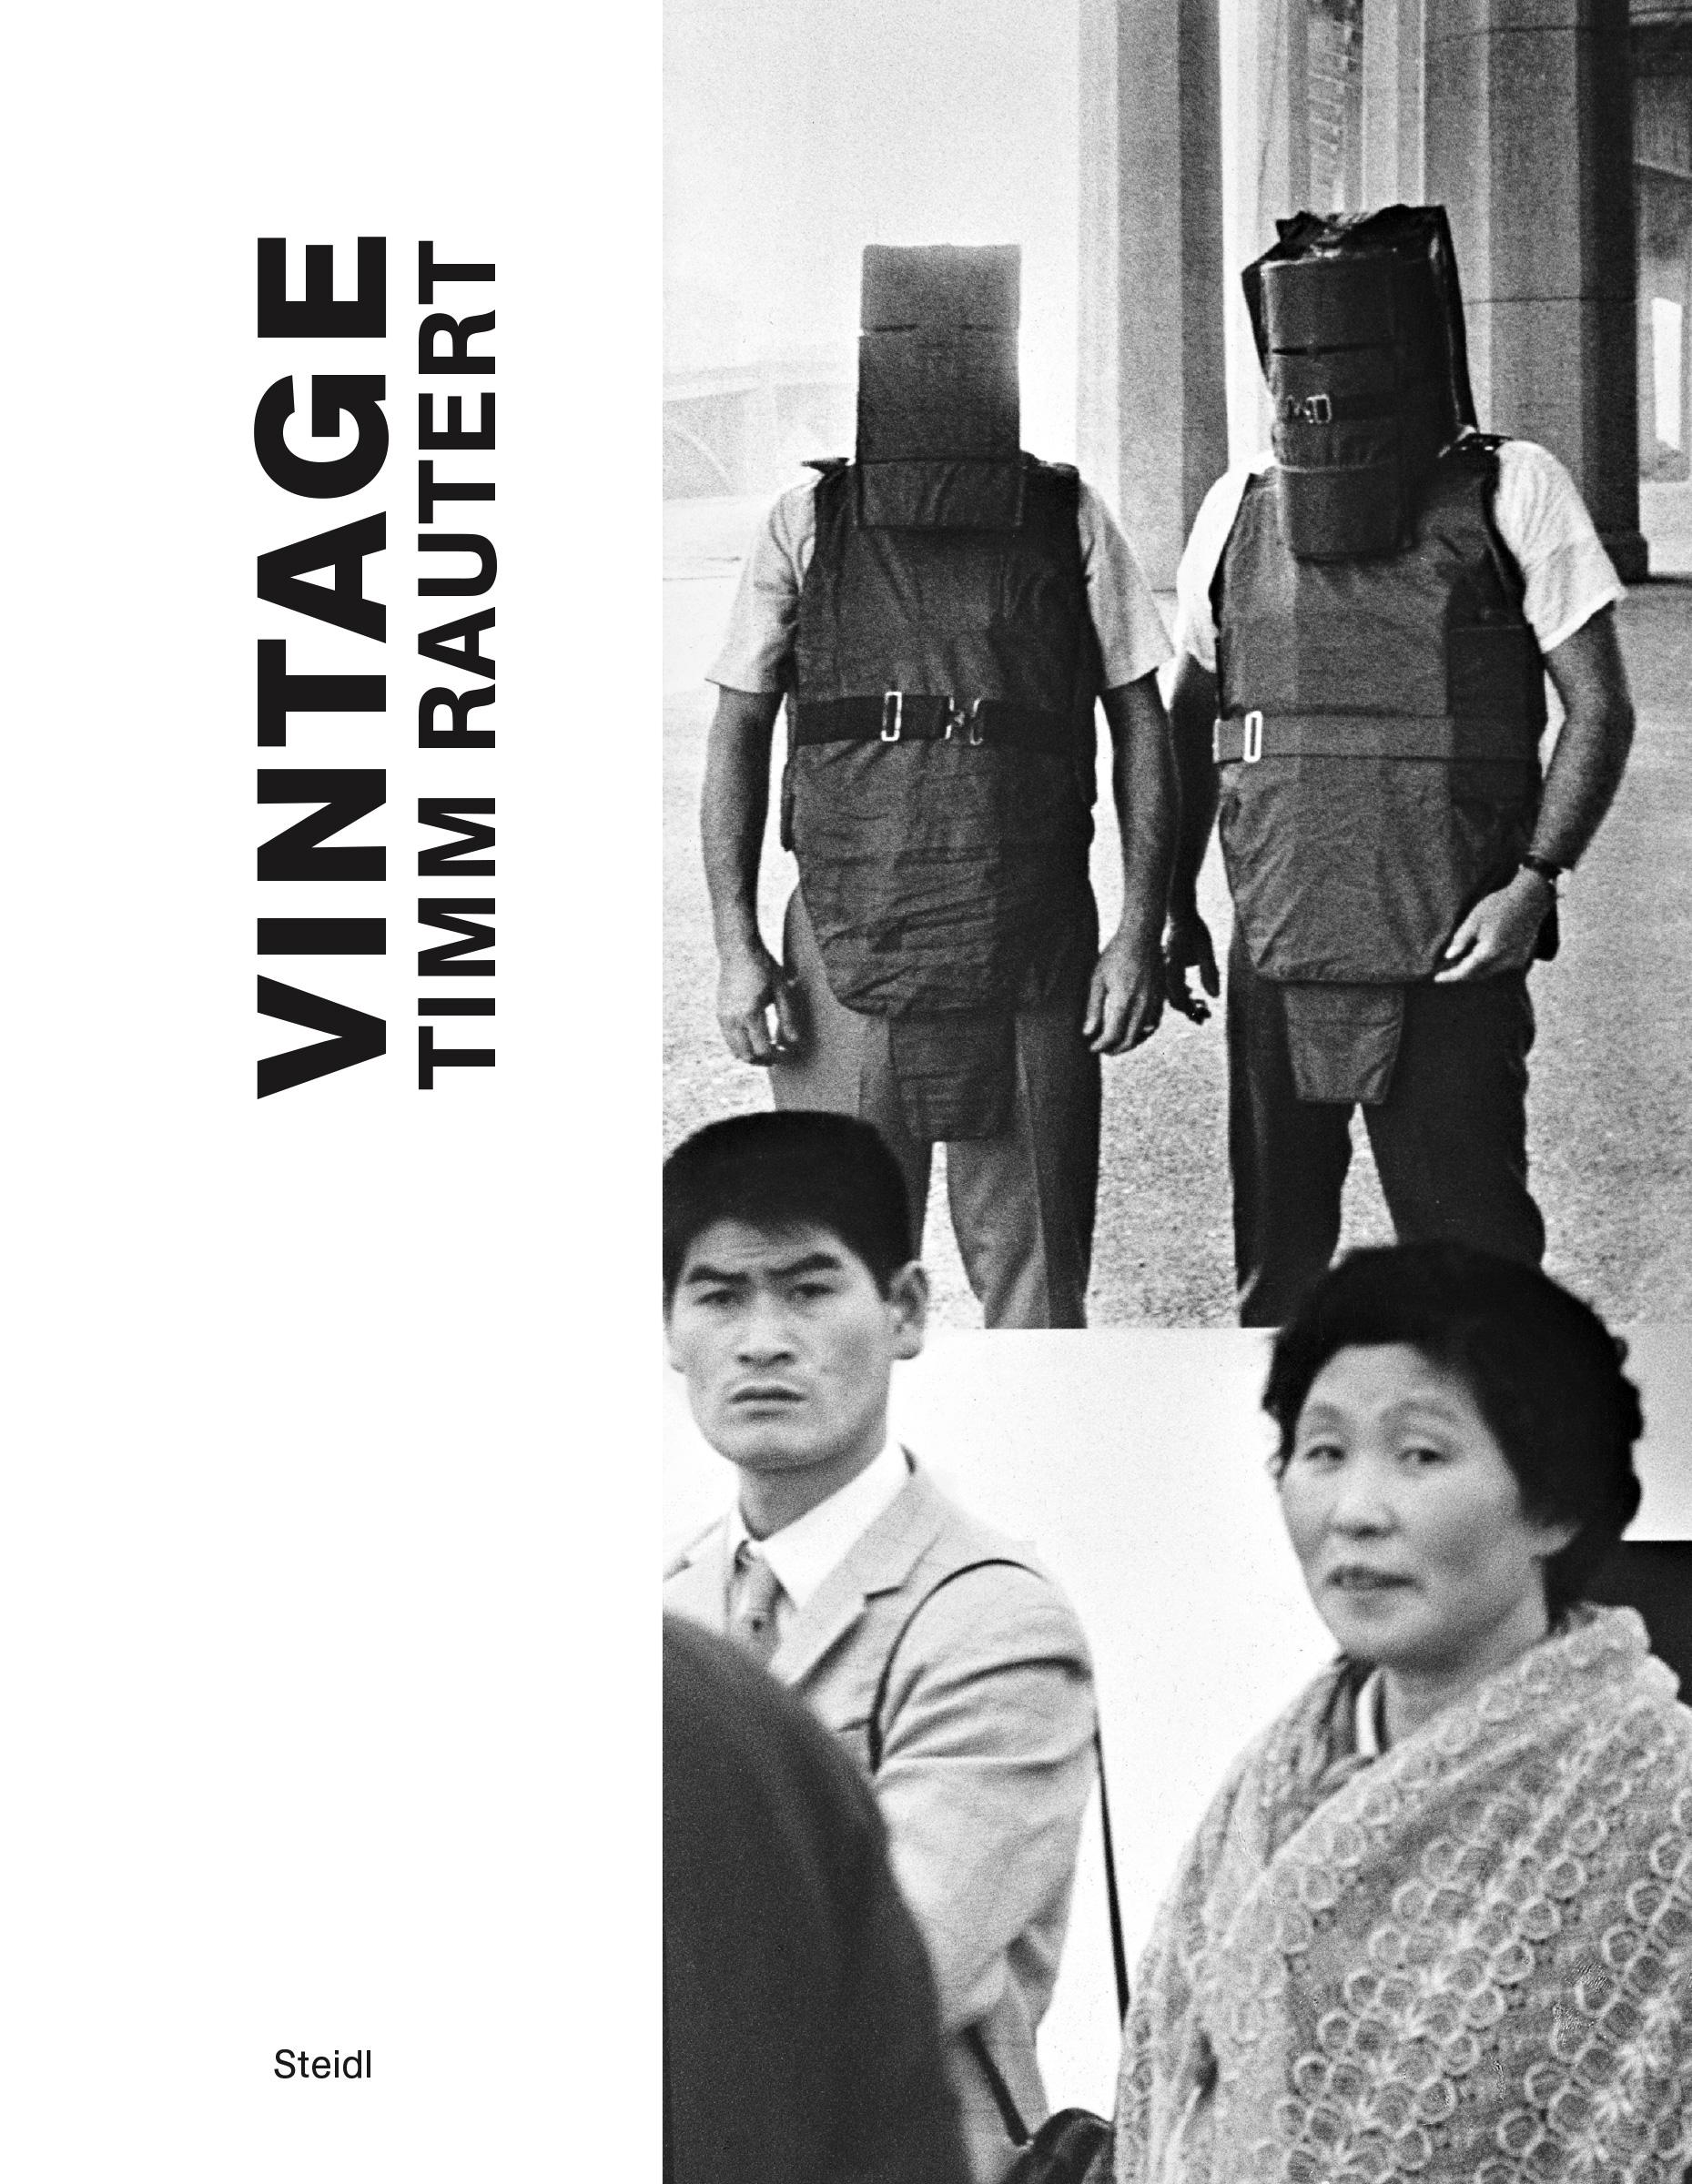 Timm Rautert: Vintage